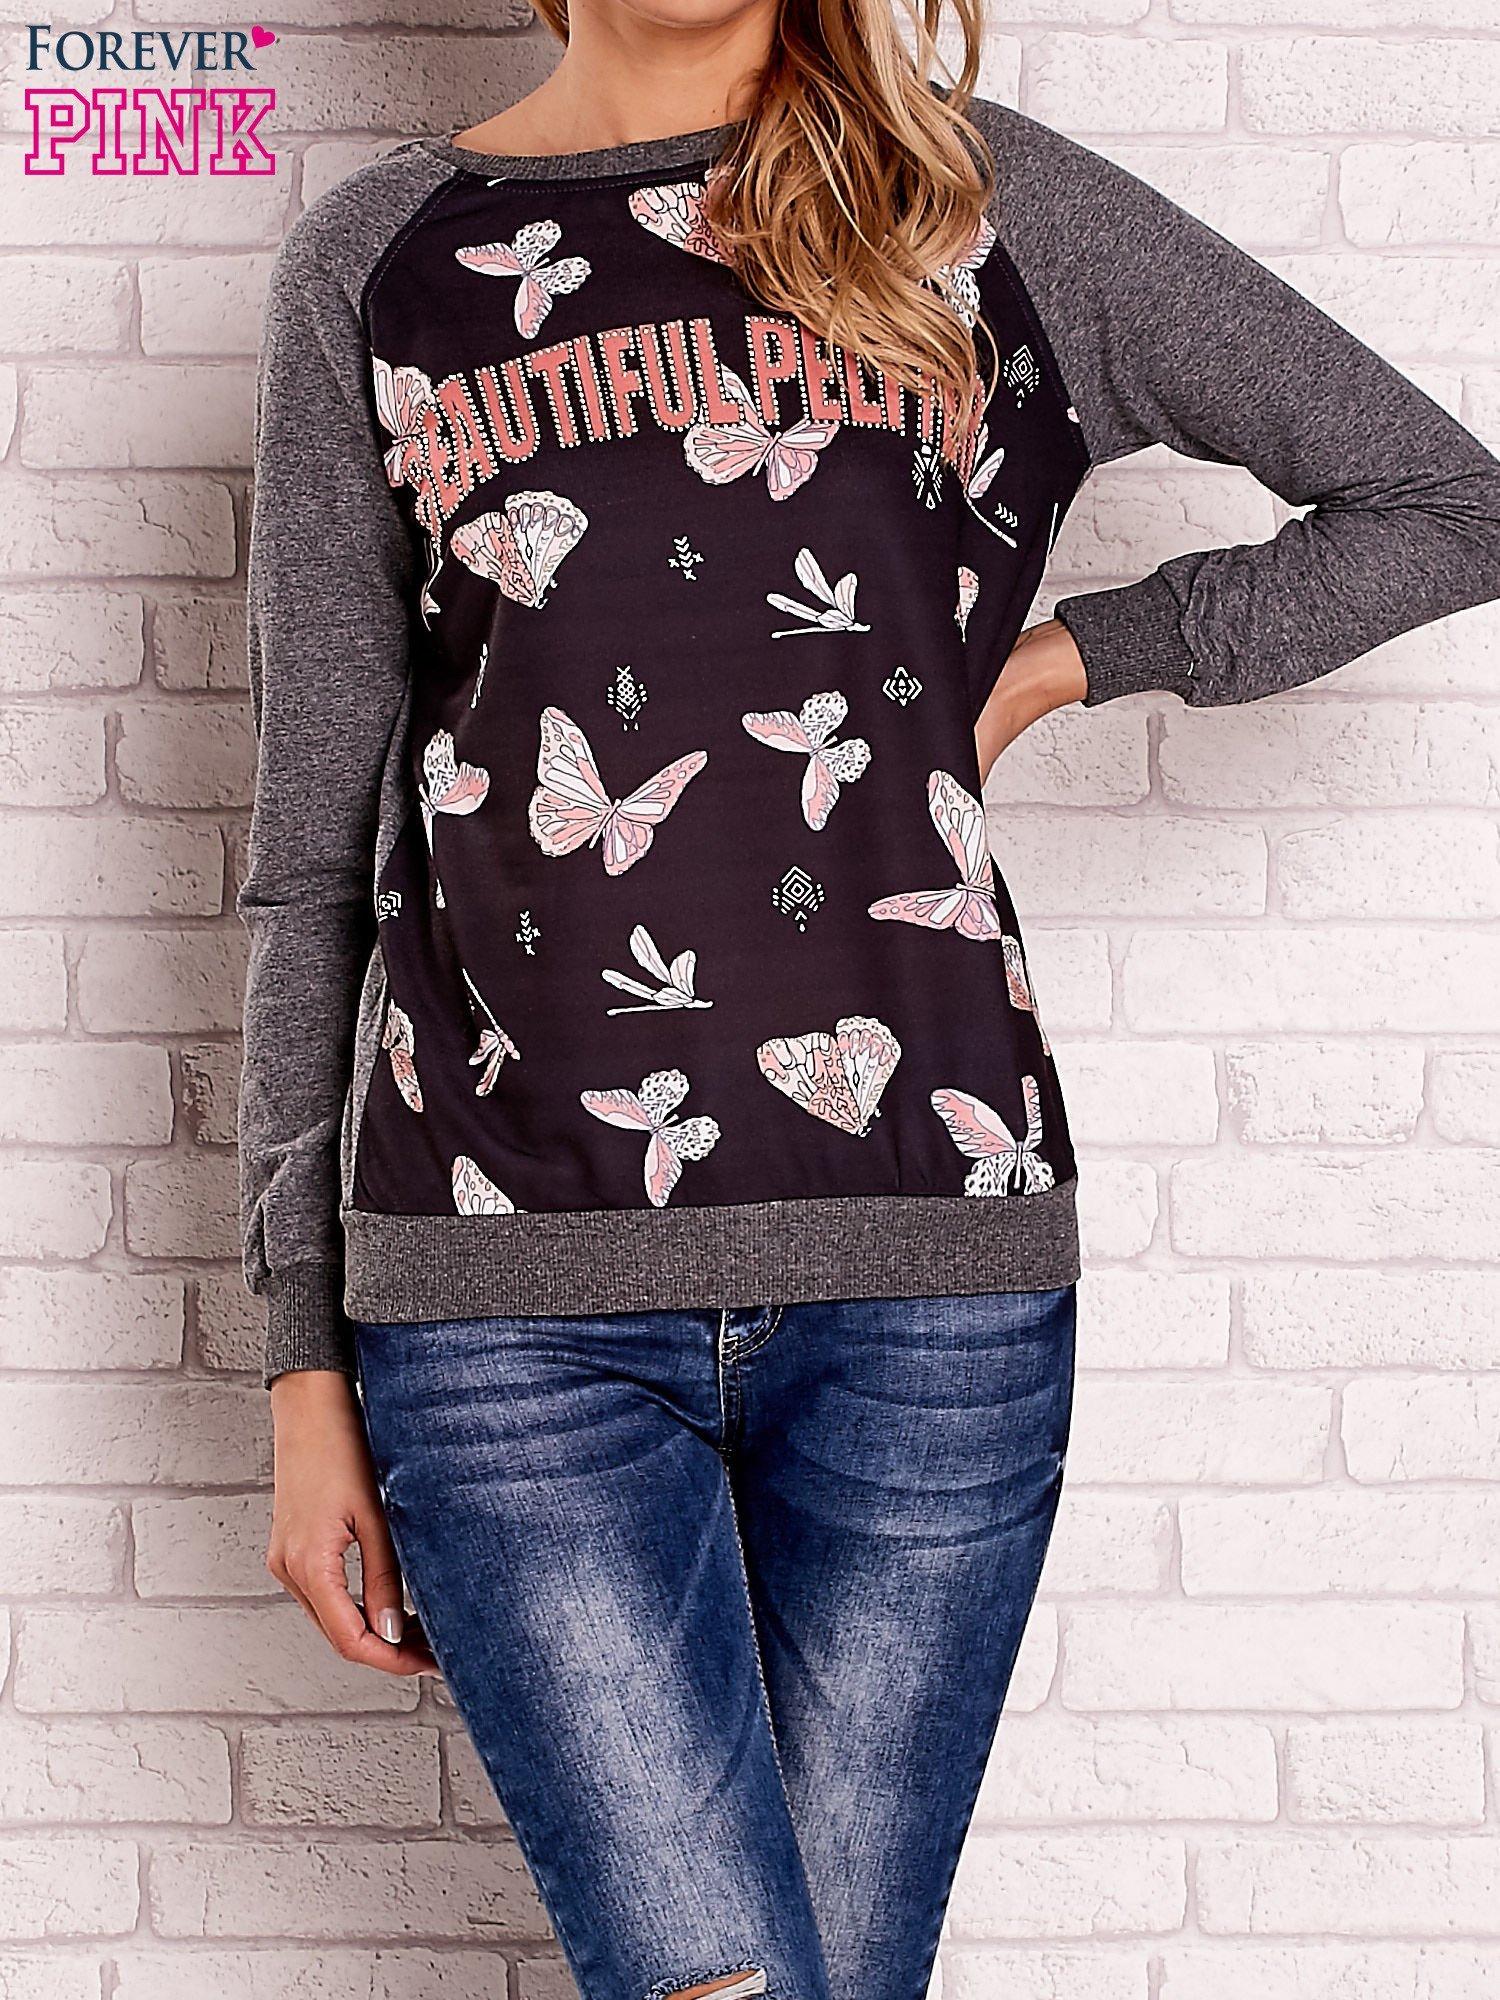 Ciemnoszara bluza z napisem BEAUTIFUL PELITER i motywem motyli                                  zdj.                                  1